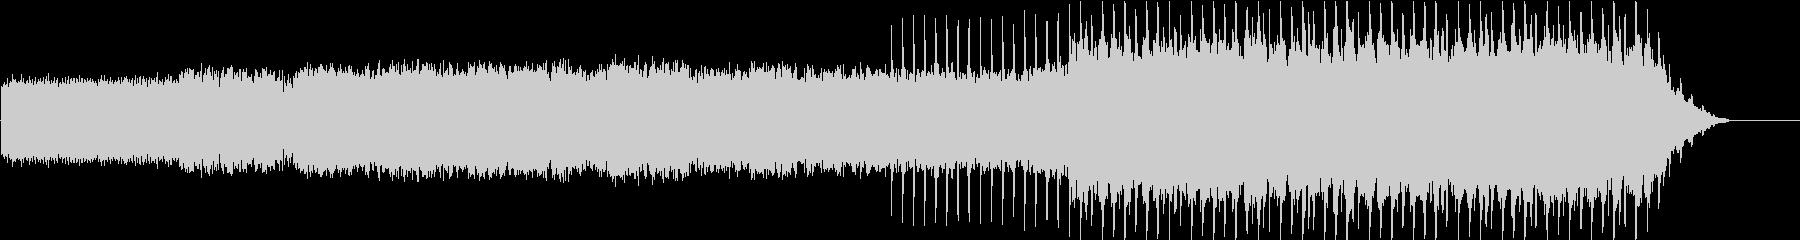 ミニマルテクノなレトロゲーム風ループの未再生の波形